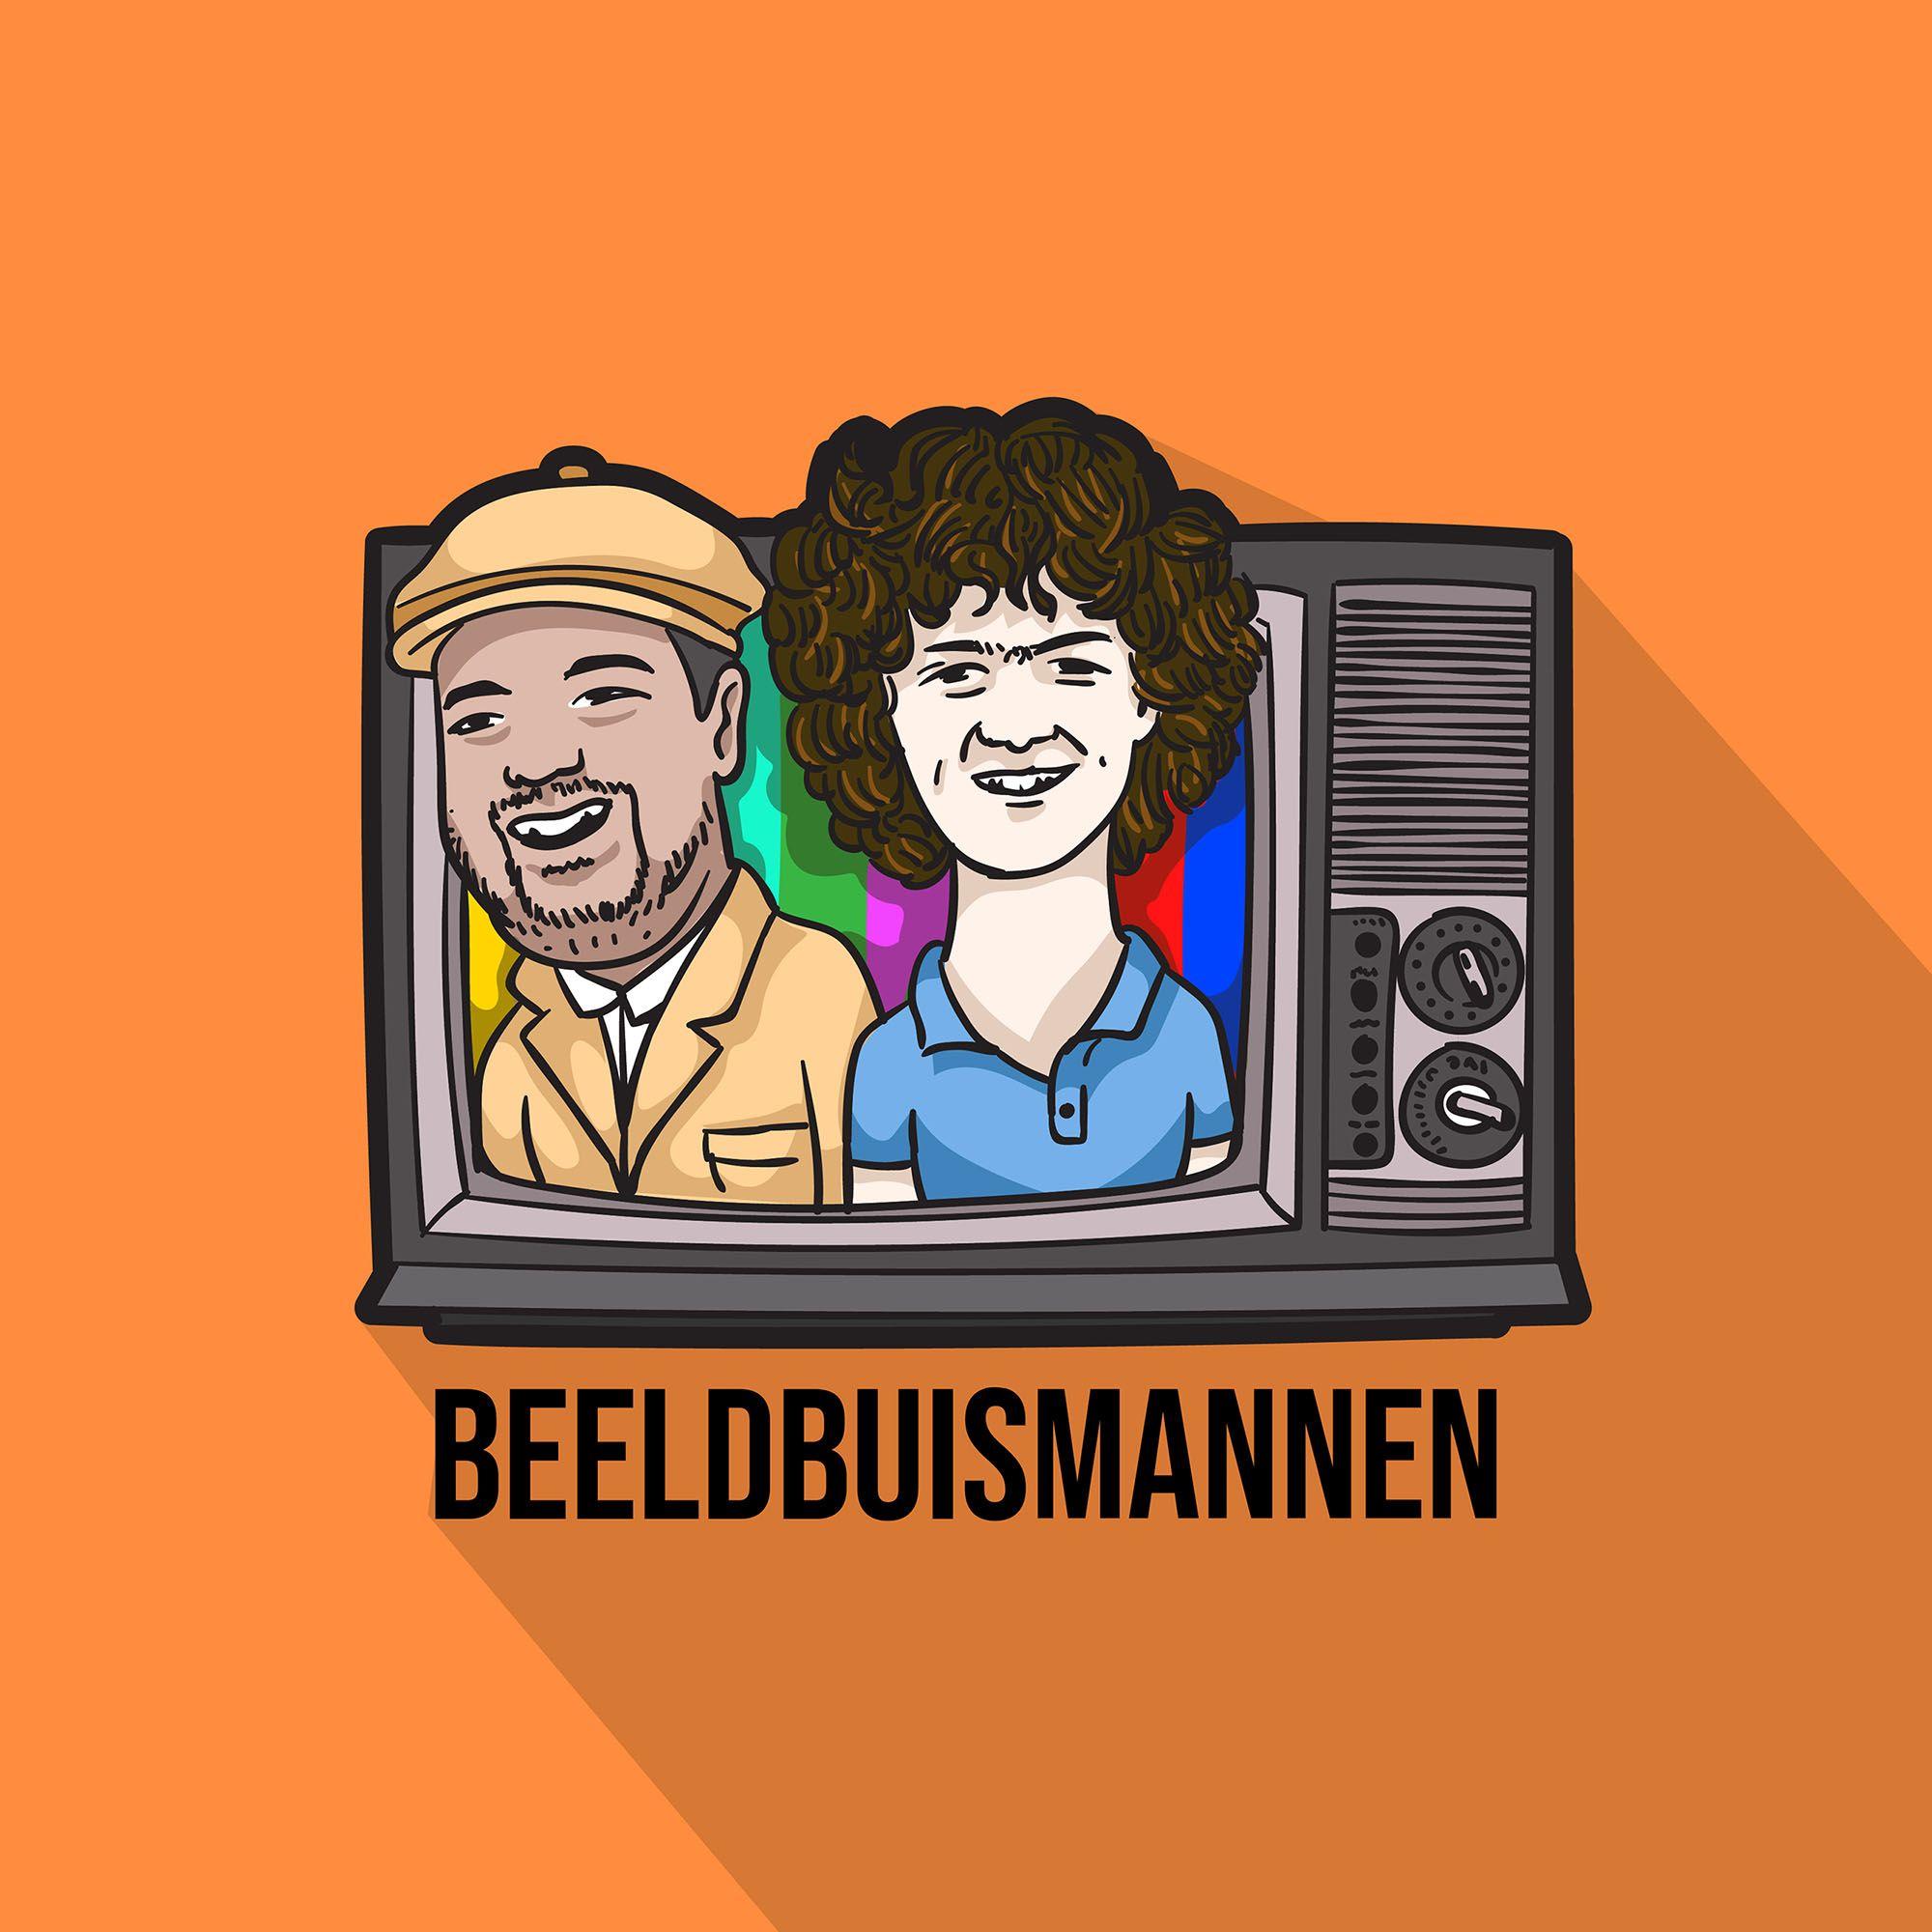 Beeldbuismannen logo